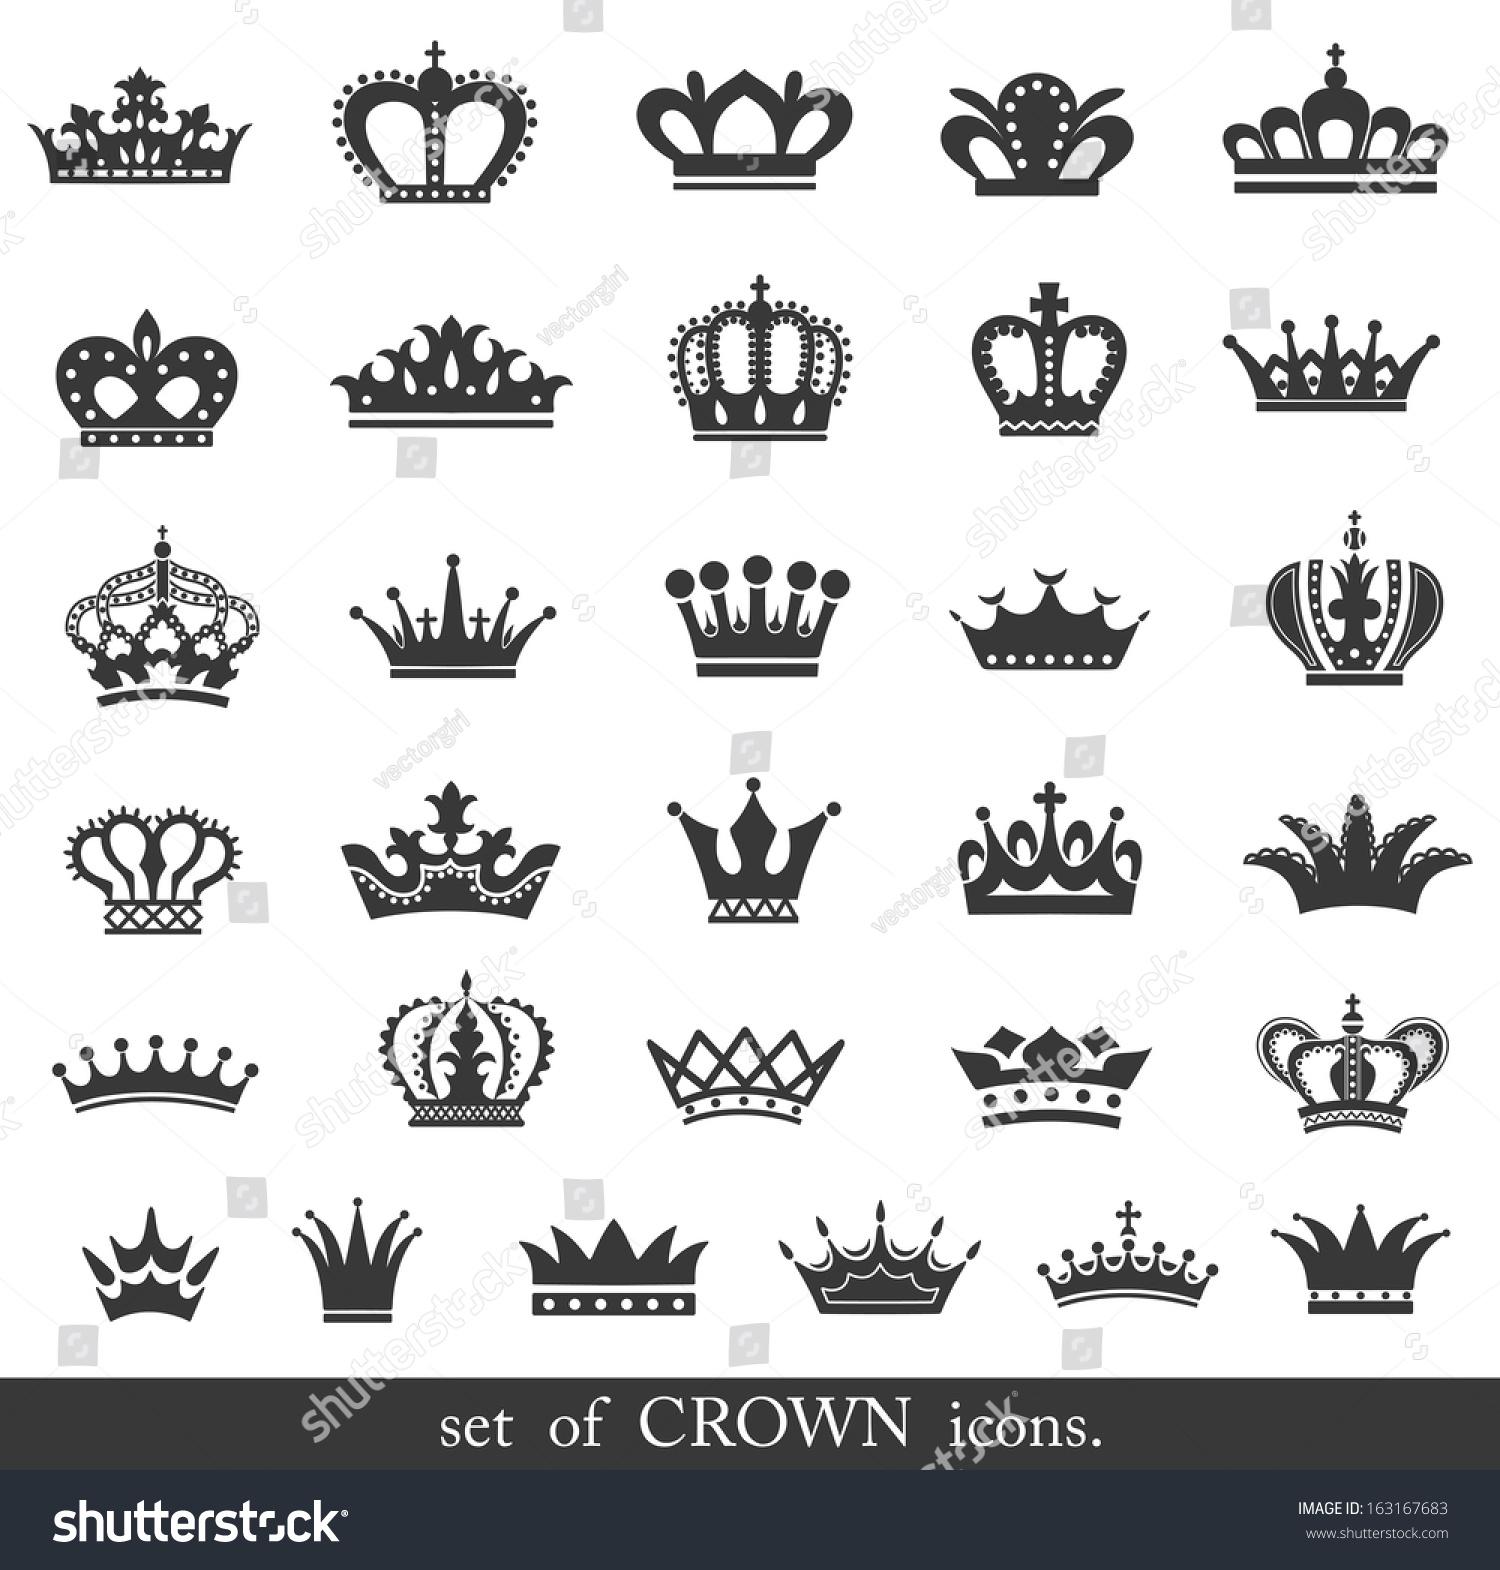 qq网名符号大全皇冠_皇冠符号图案大全-王冠符号怎么打